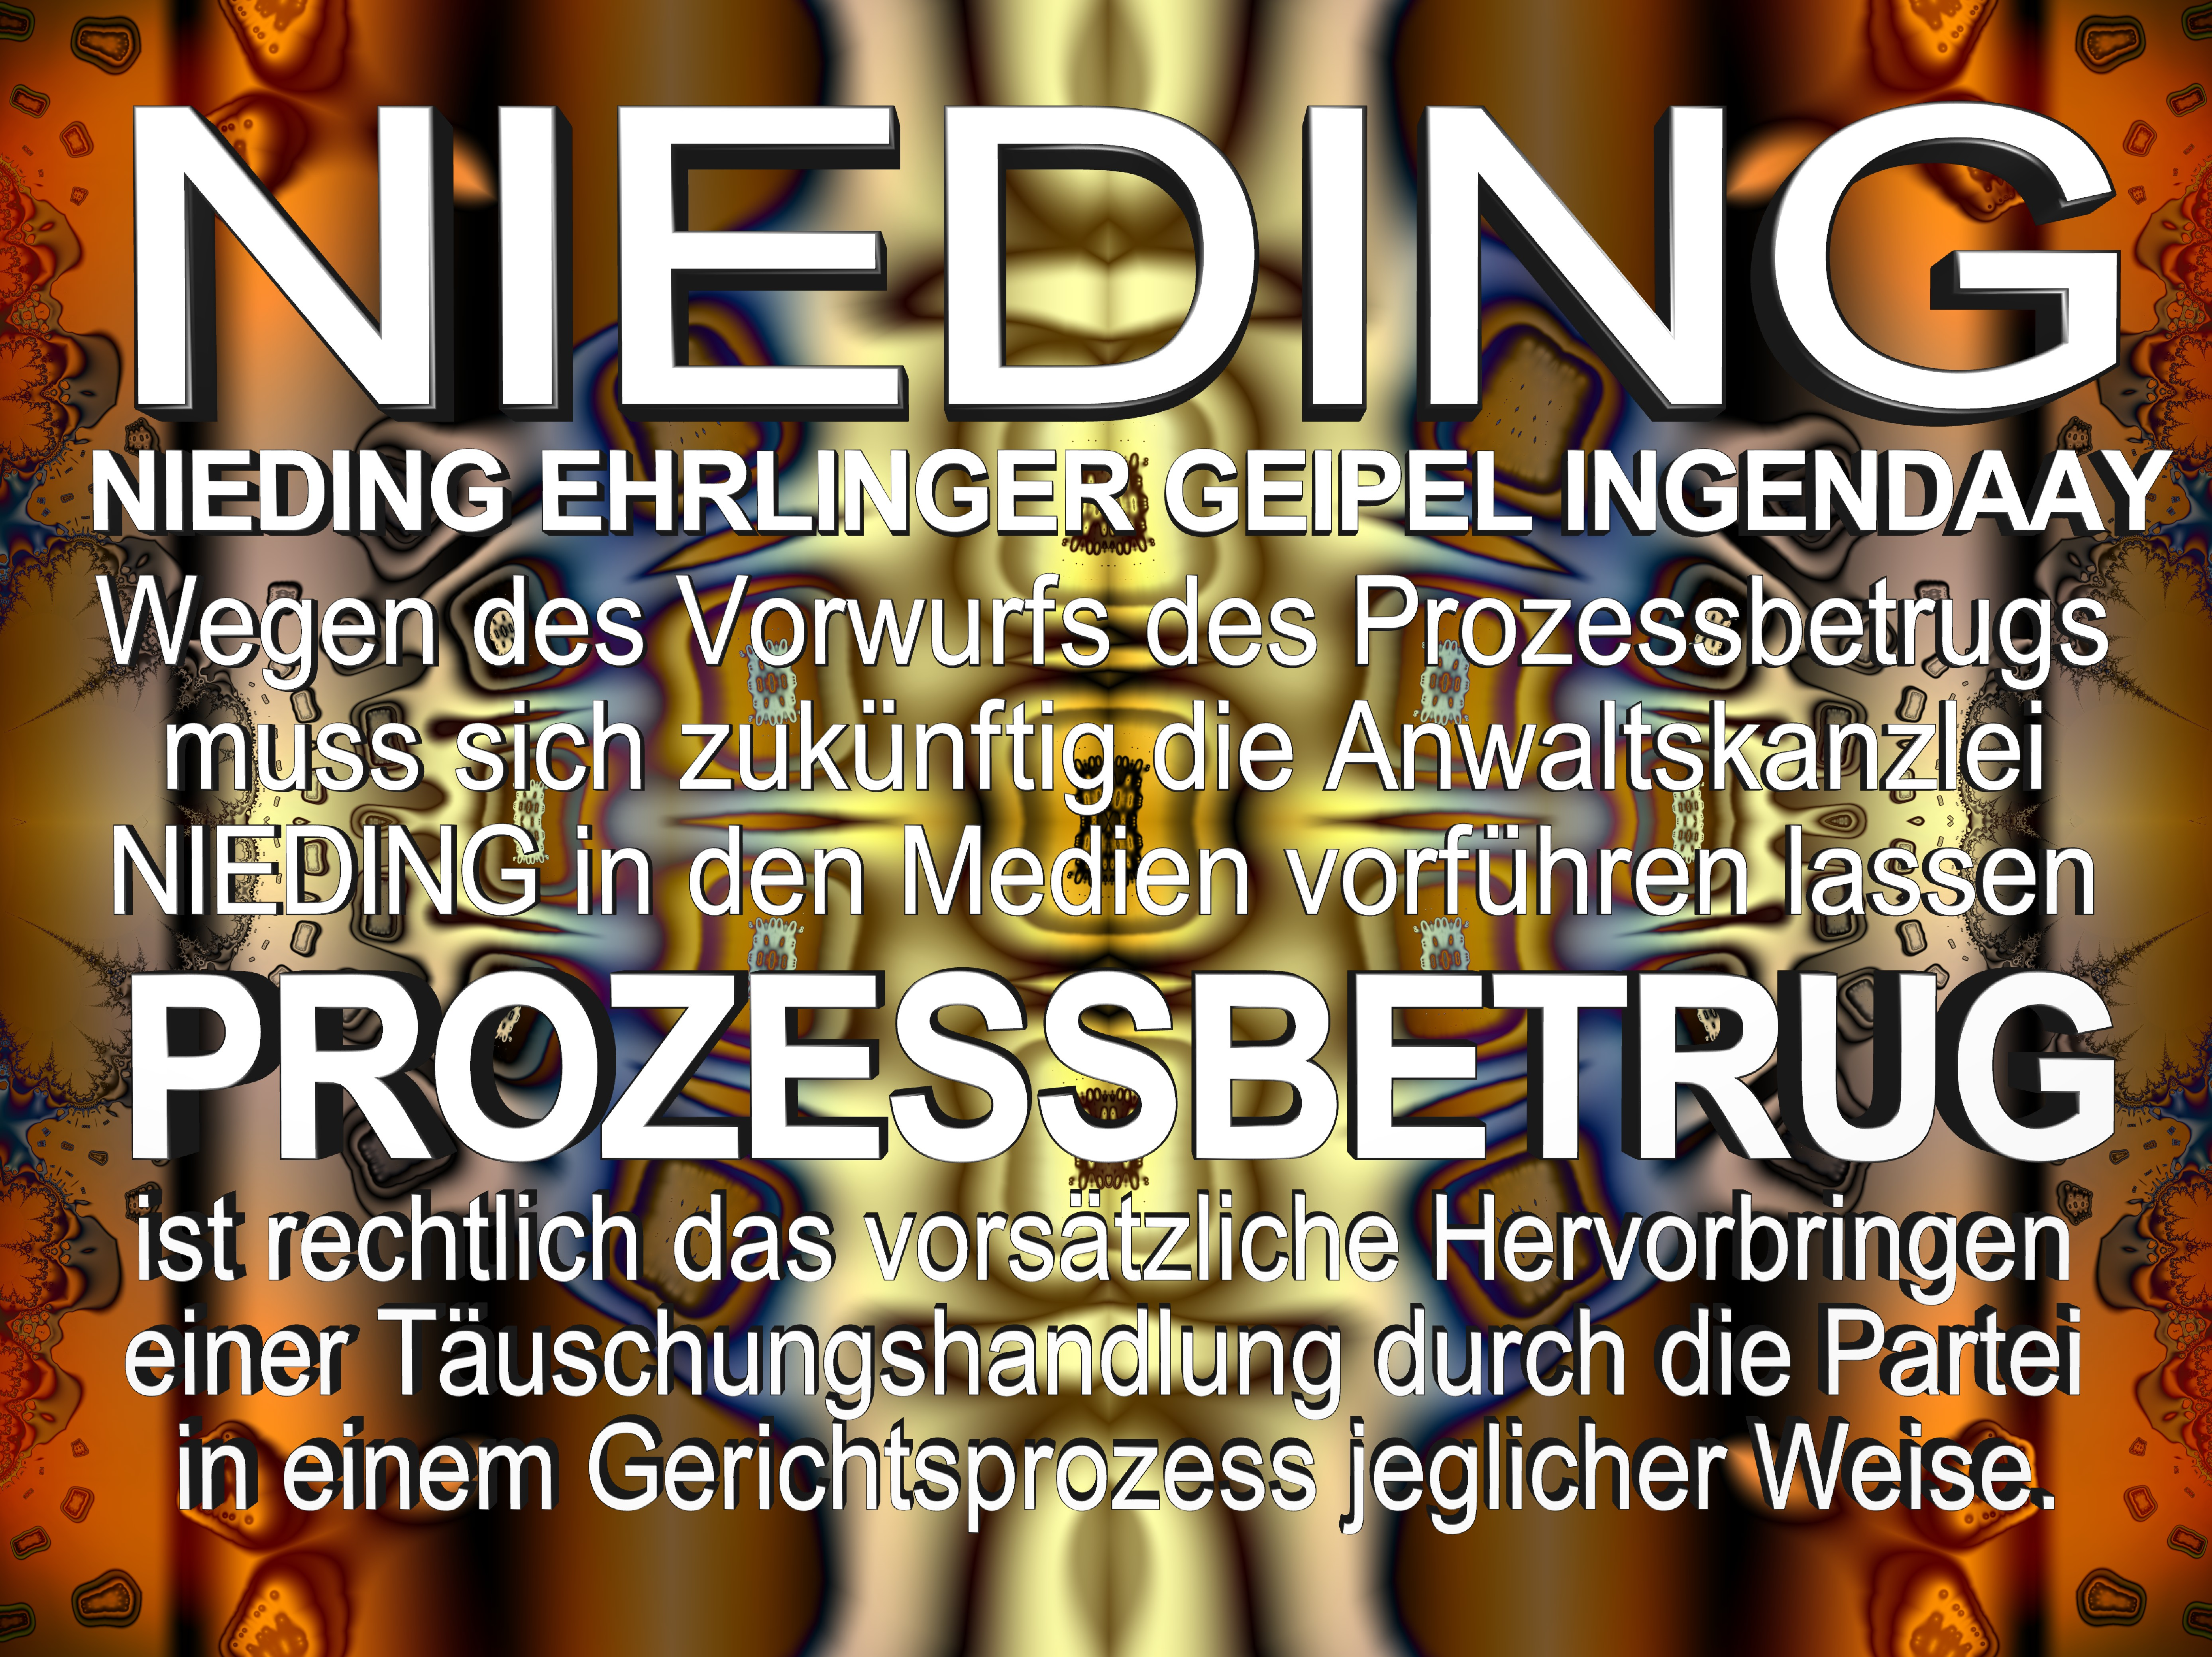 NIEDING EHRLINGER GEIPEL INGENDAAY LELKE Kurfürstendamm 66 Berlin (197)